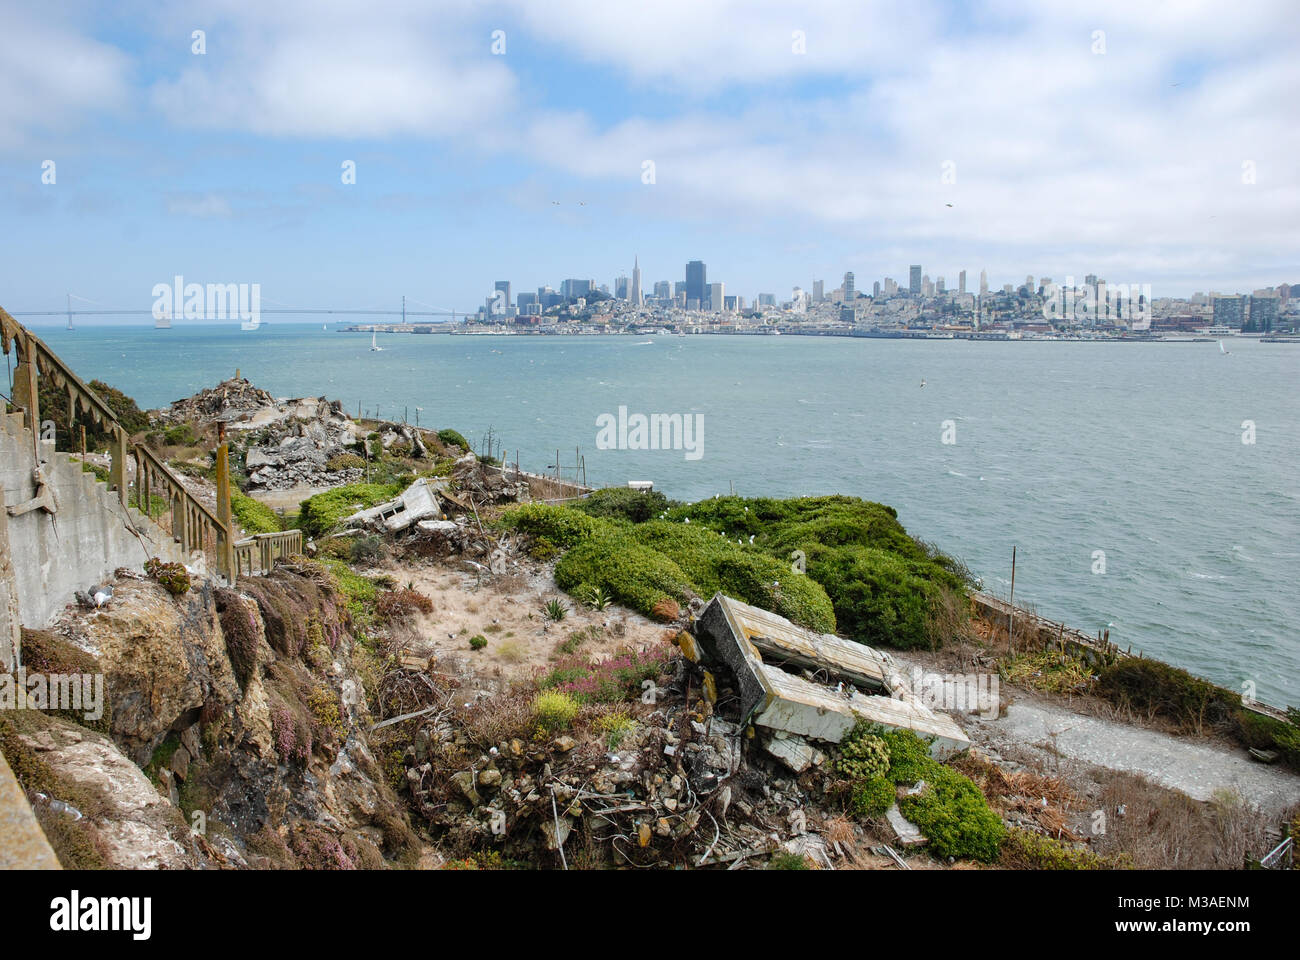 Alcatraz Island, Alcatraz Views, and San Francisco Bay, A View of Freedom, California - Stock Image